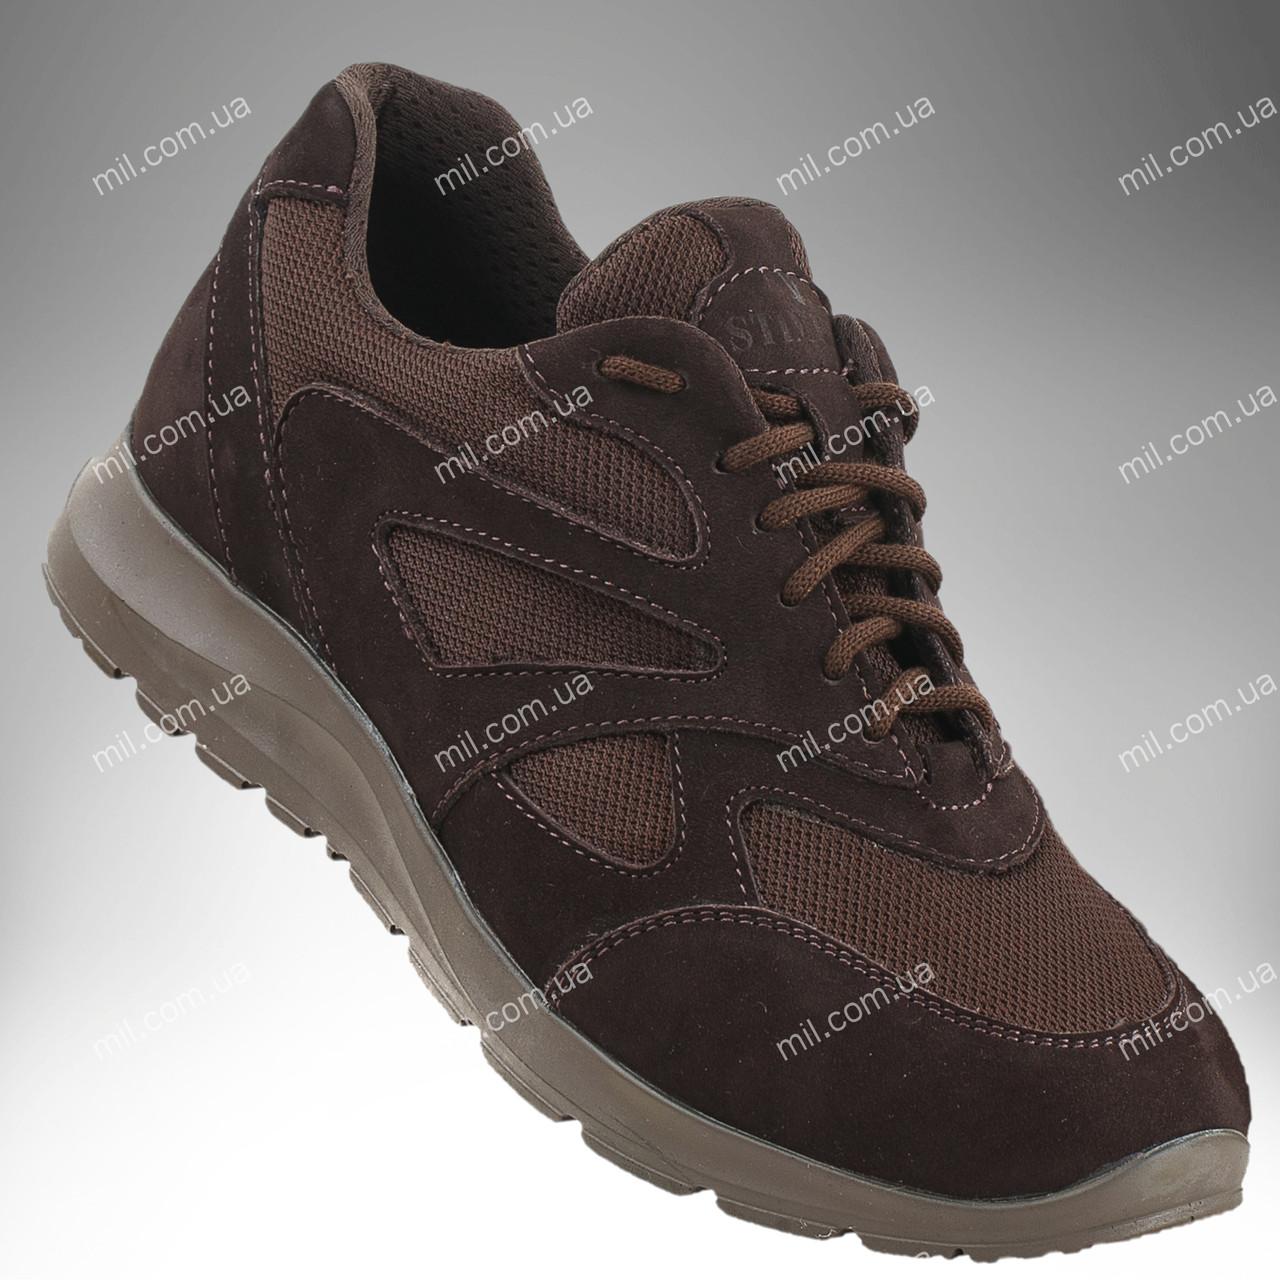 Тактические кроссовки демисезонные / армейская военная обувь SICARIO (шоколад)